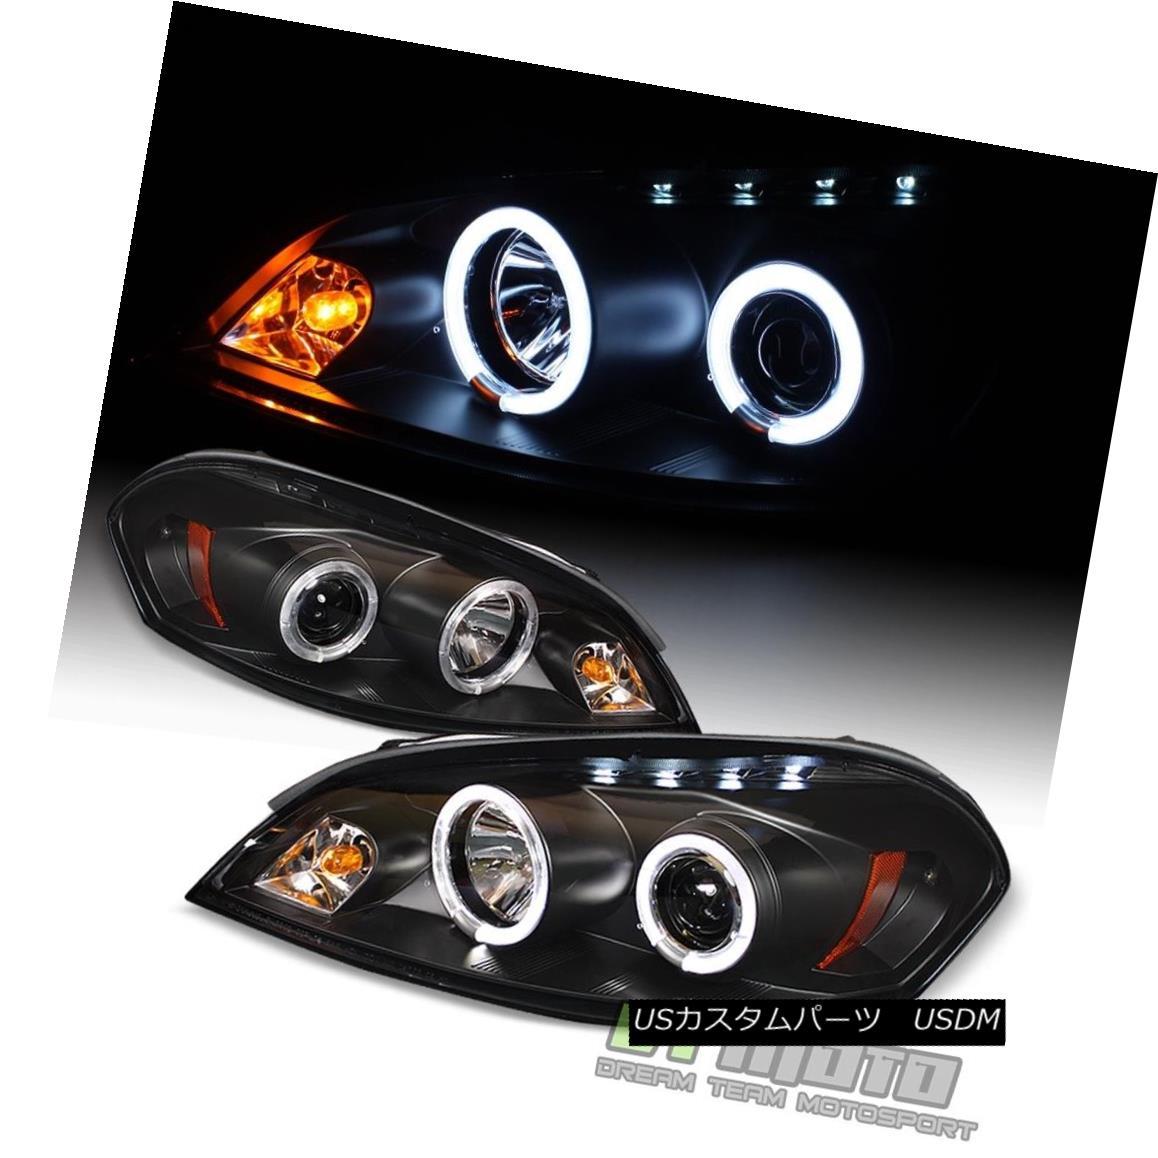 ヘッドライト Black 2006-2013 Chevy Impala LED Halo Projector Headlights Headlamps Left+Right 黒2006-2013シボレーインパラLEDハロープロジェクターヘッドライトヘッドランプ左+右